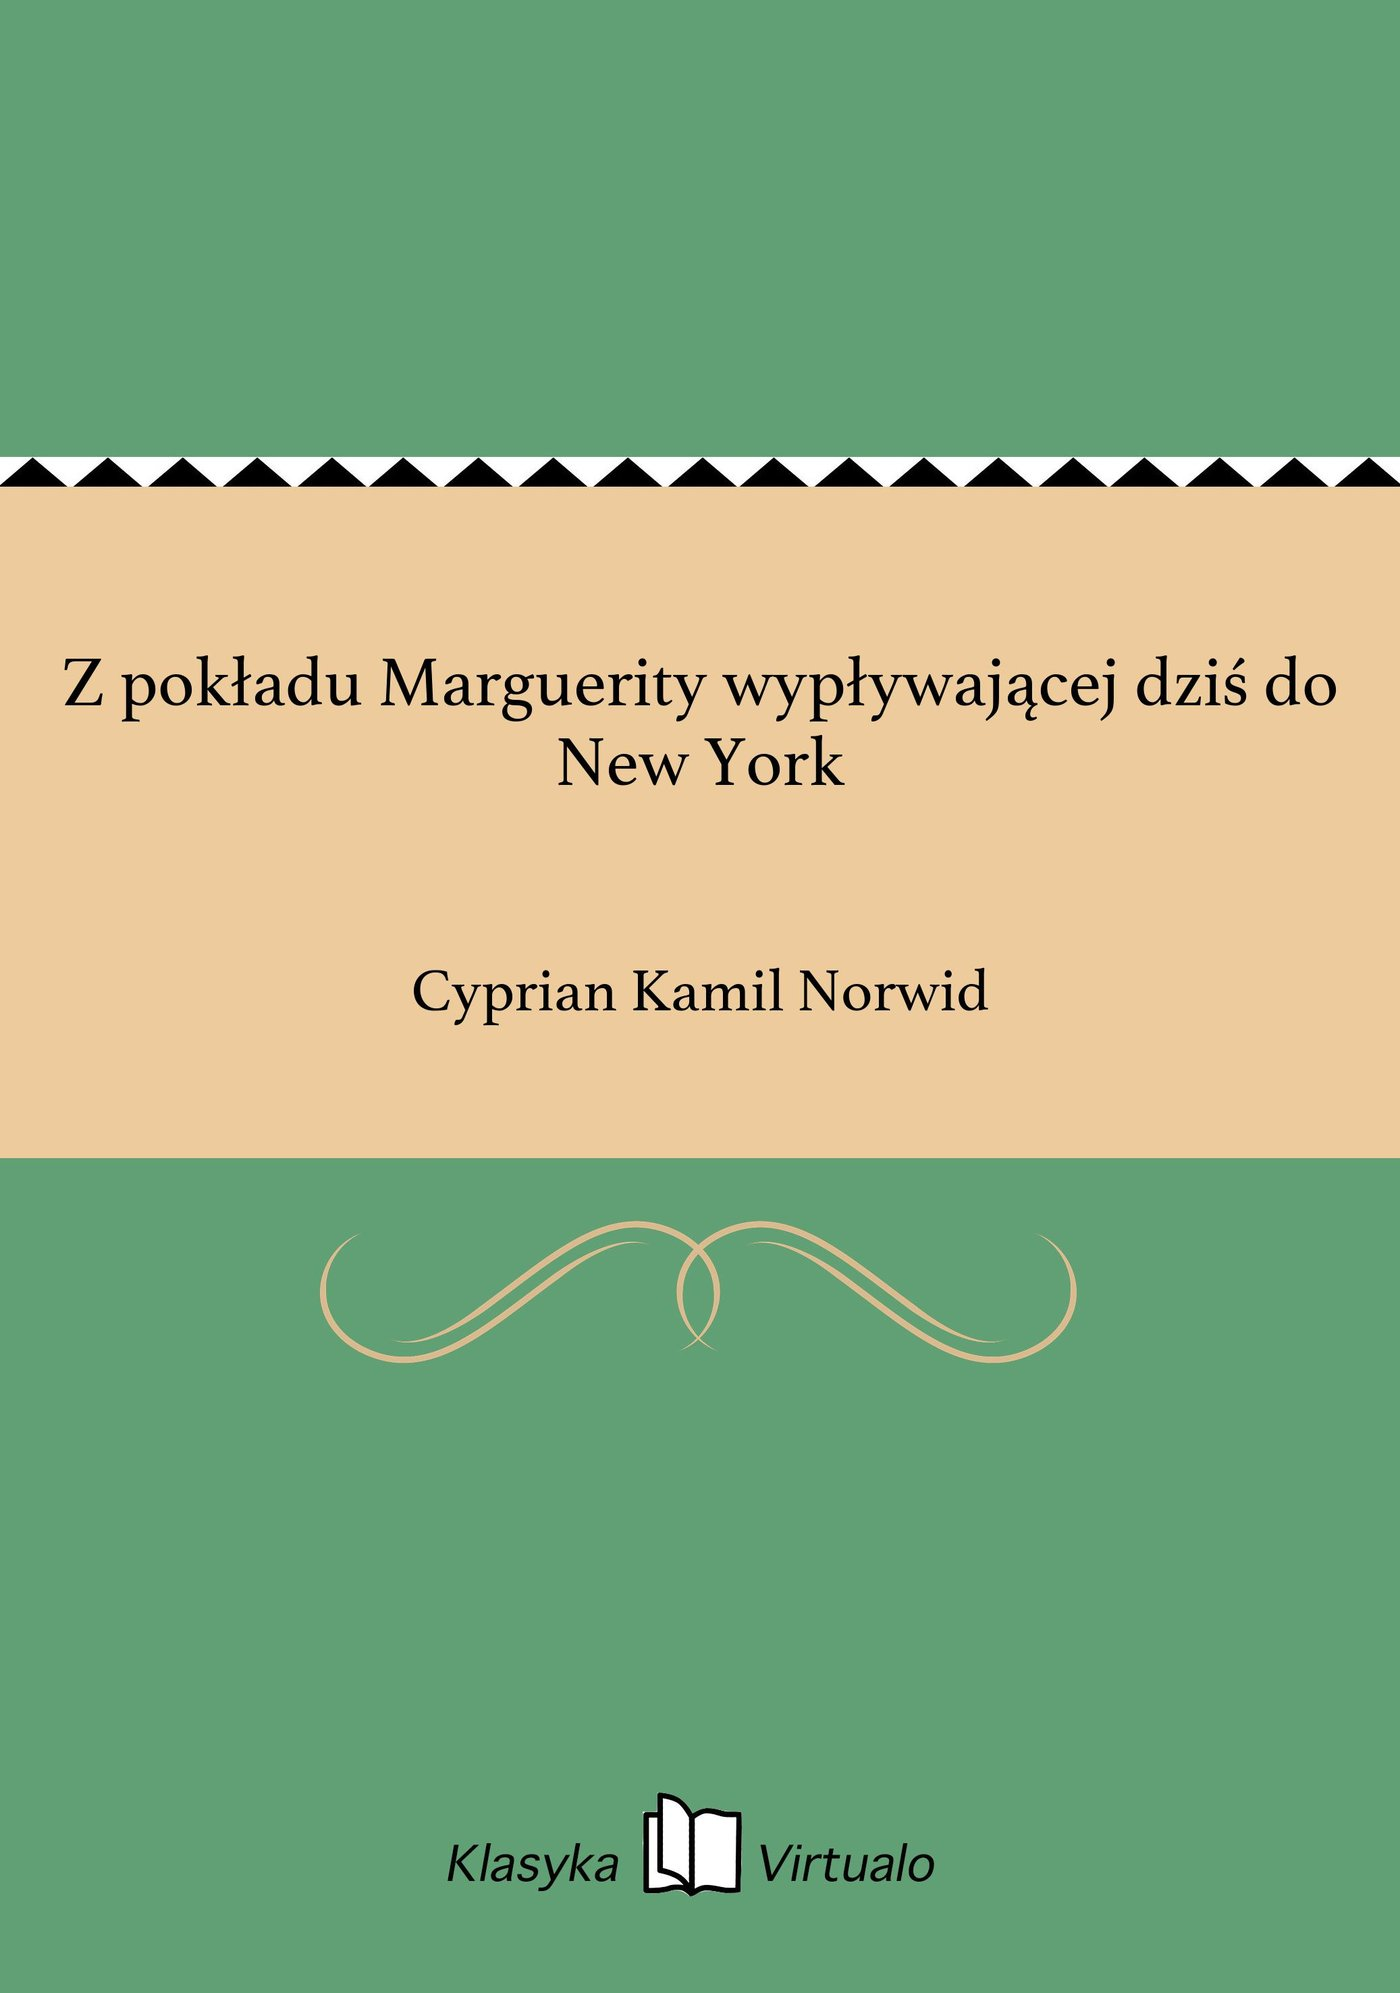 Z pokładu Marguerity wypływającej dziś do New York - Ebook (Książka EPUB) do pobrania w formacie EPUB